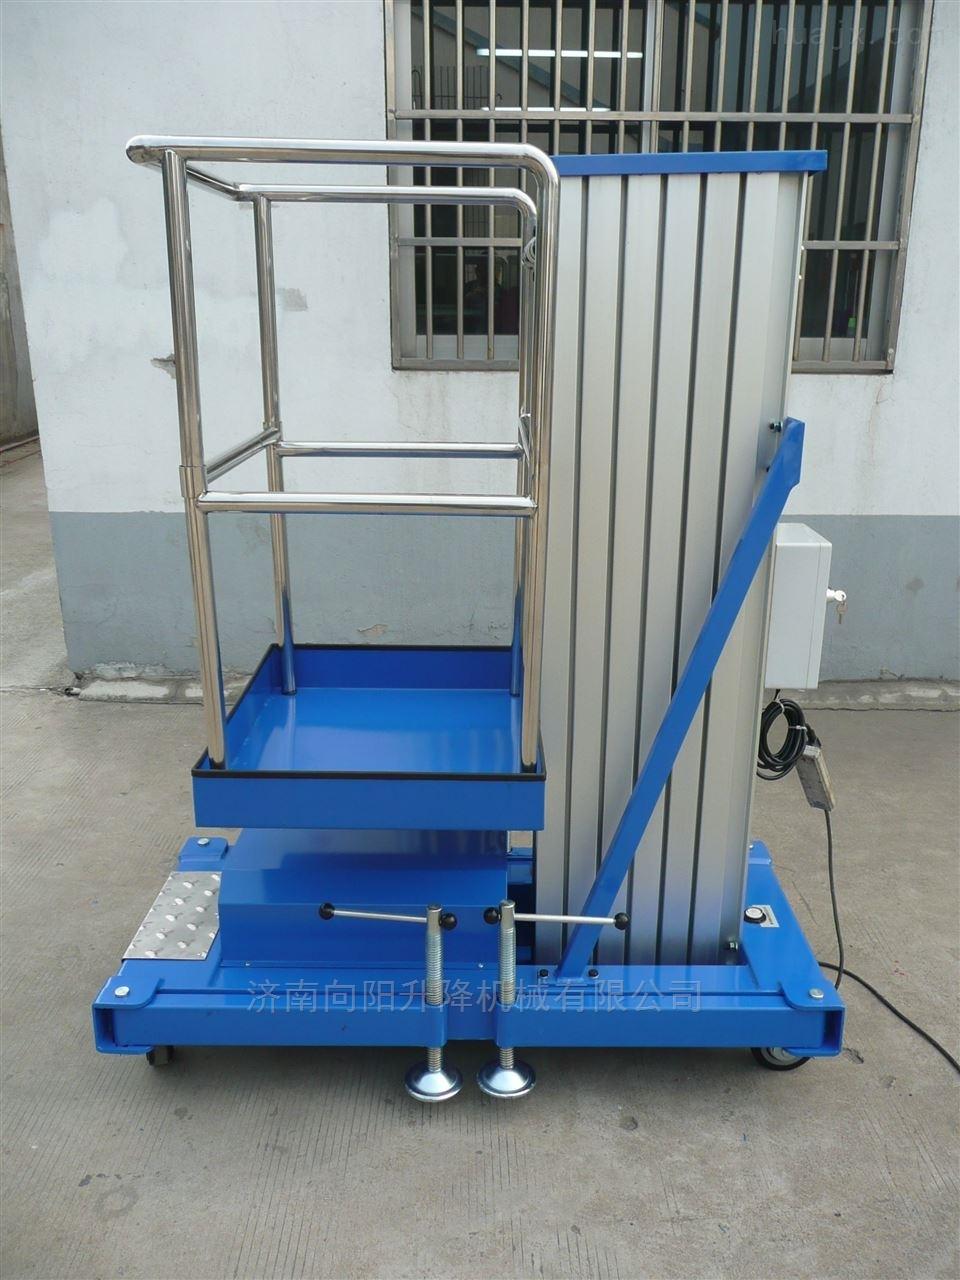 安徽合肥单柱铝合金升降机,移动升降平台